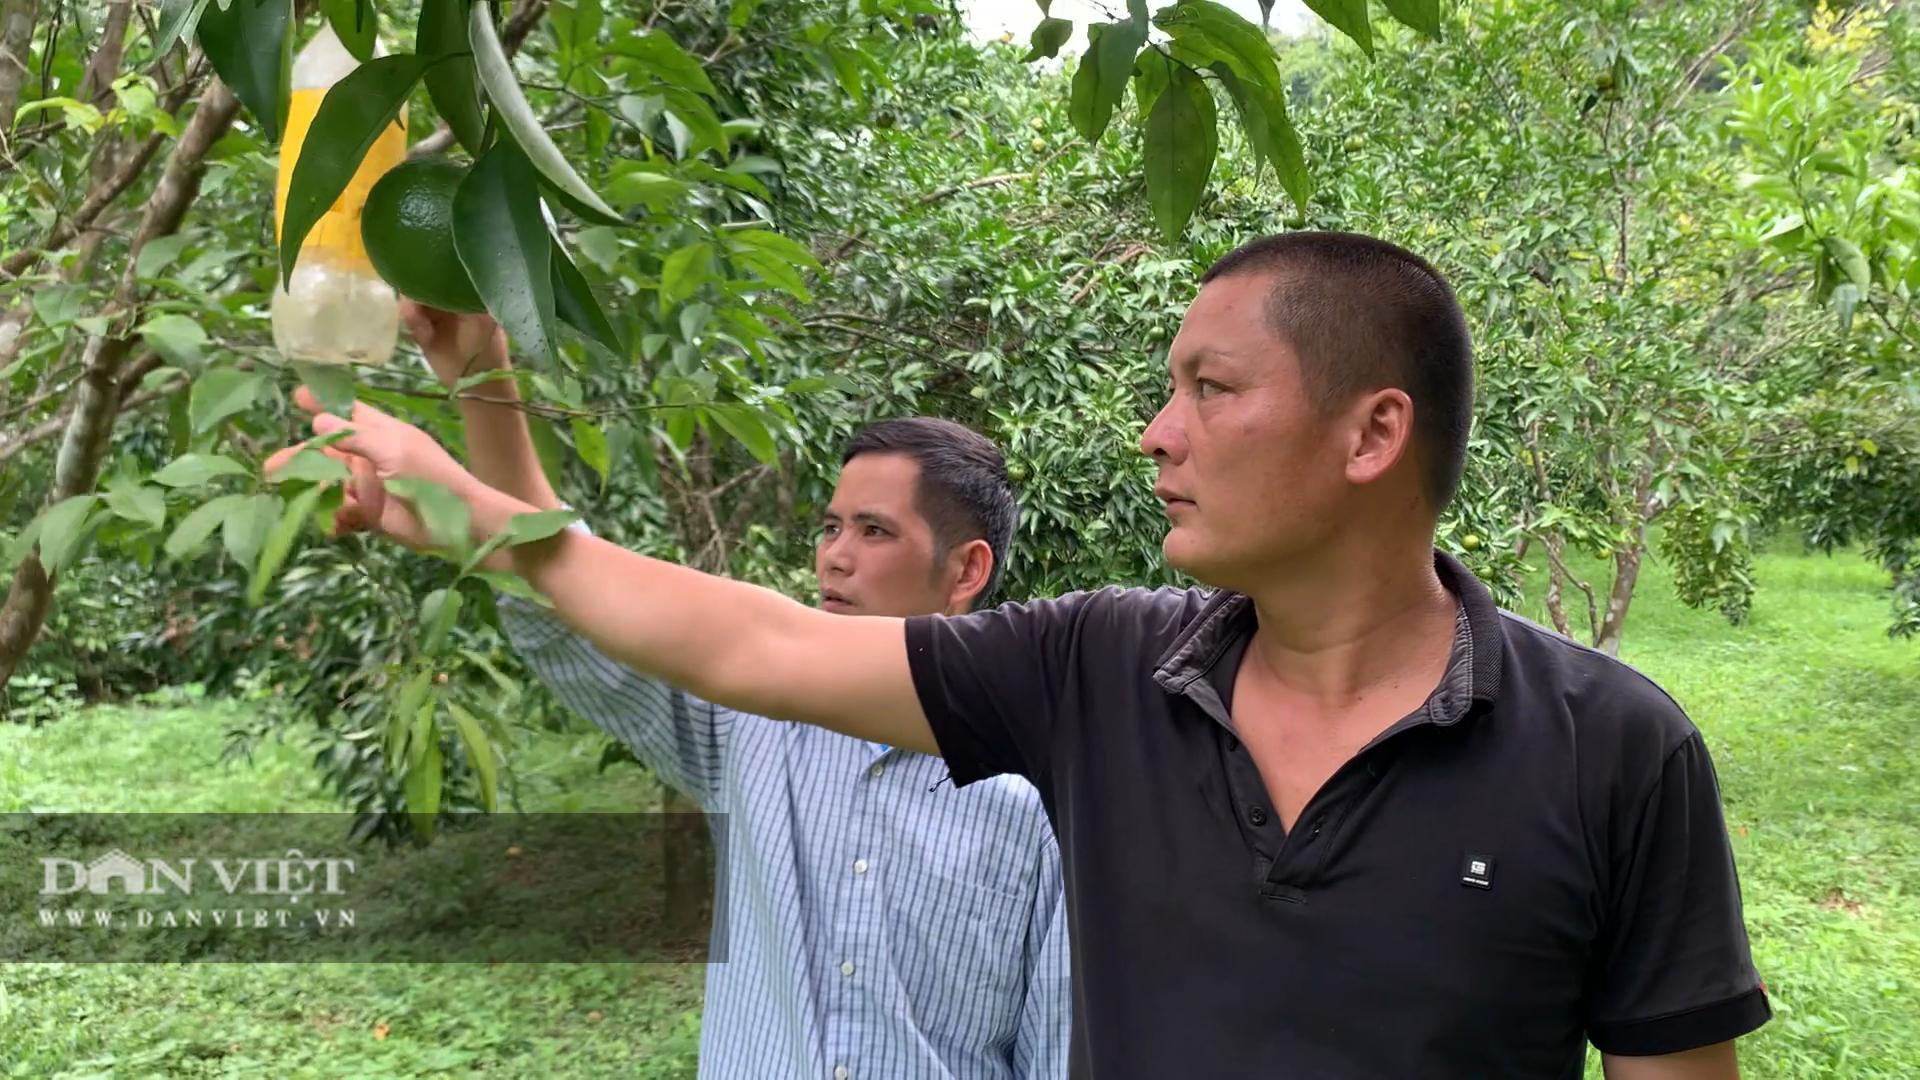 Mạnh dạn trồng cây có múi, nông dân này thu hơn 200 triệu đồng mỗi vụ - Ảnh 3.